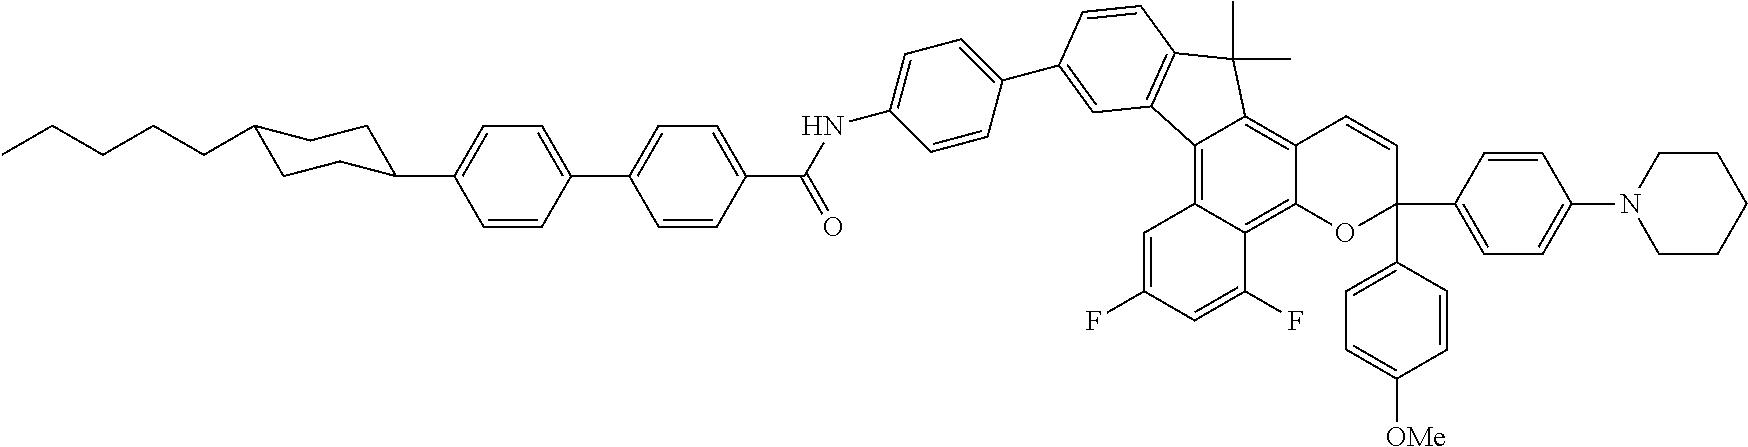 Figure US08545984-20131001-C00021